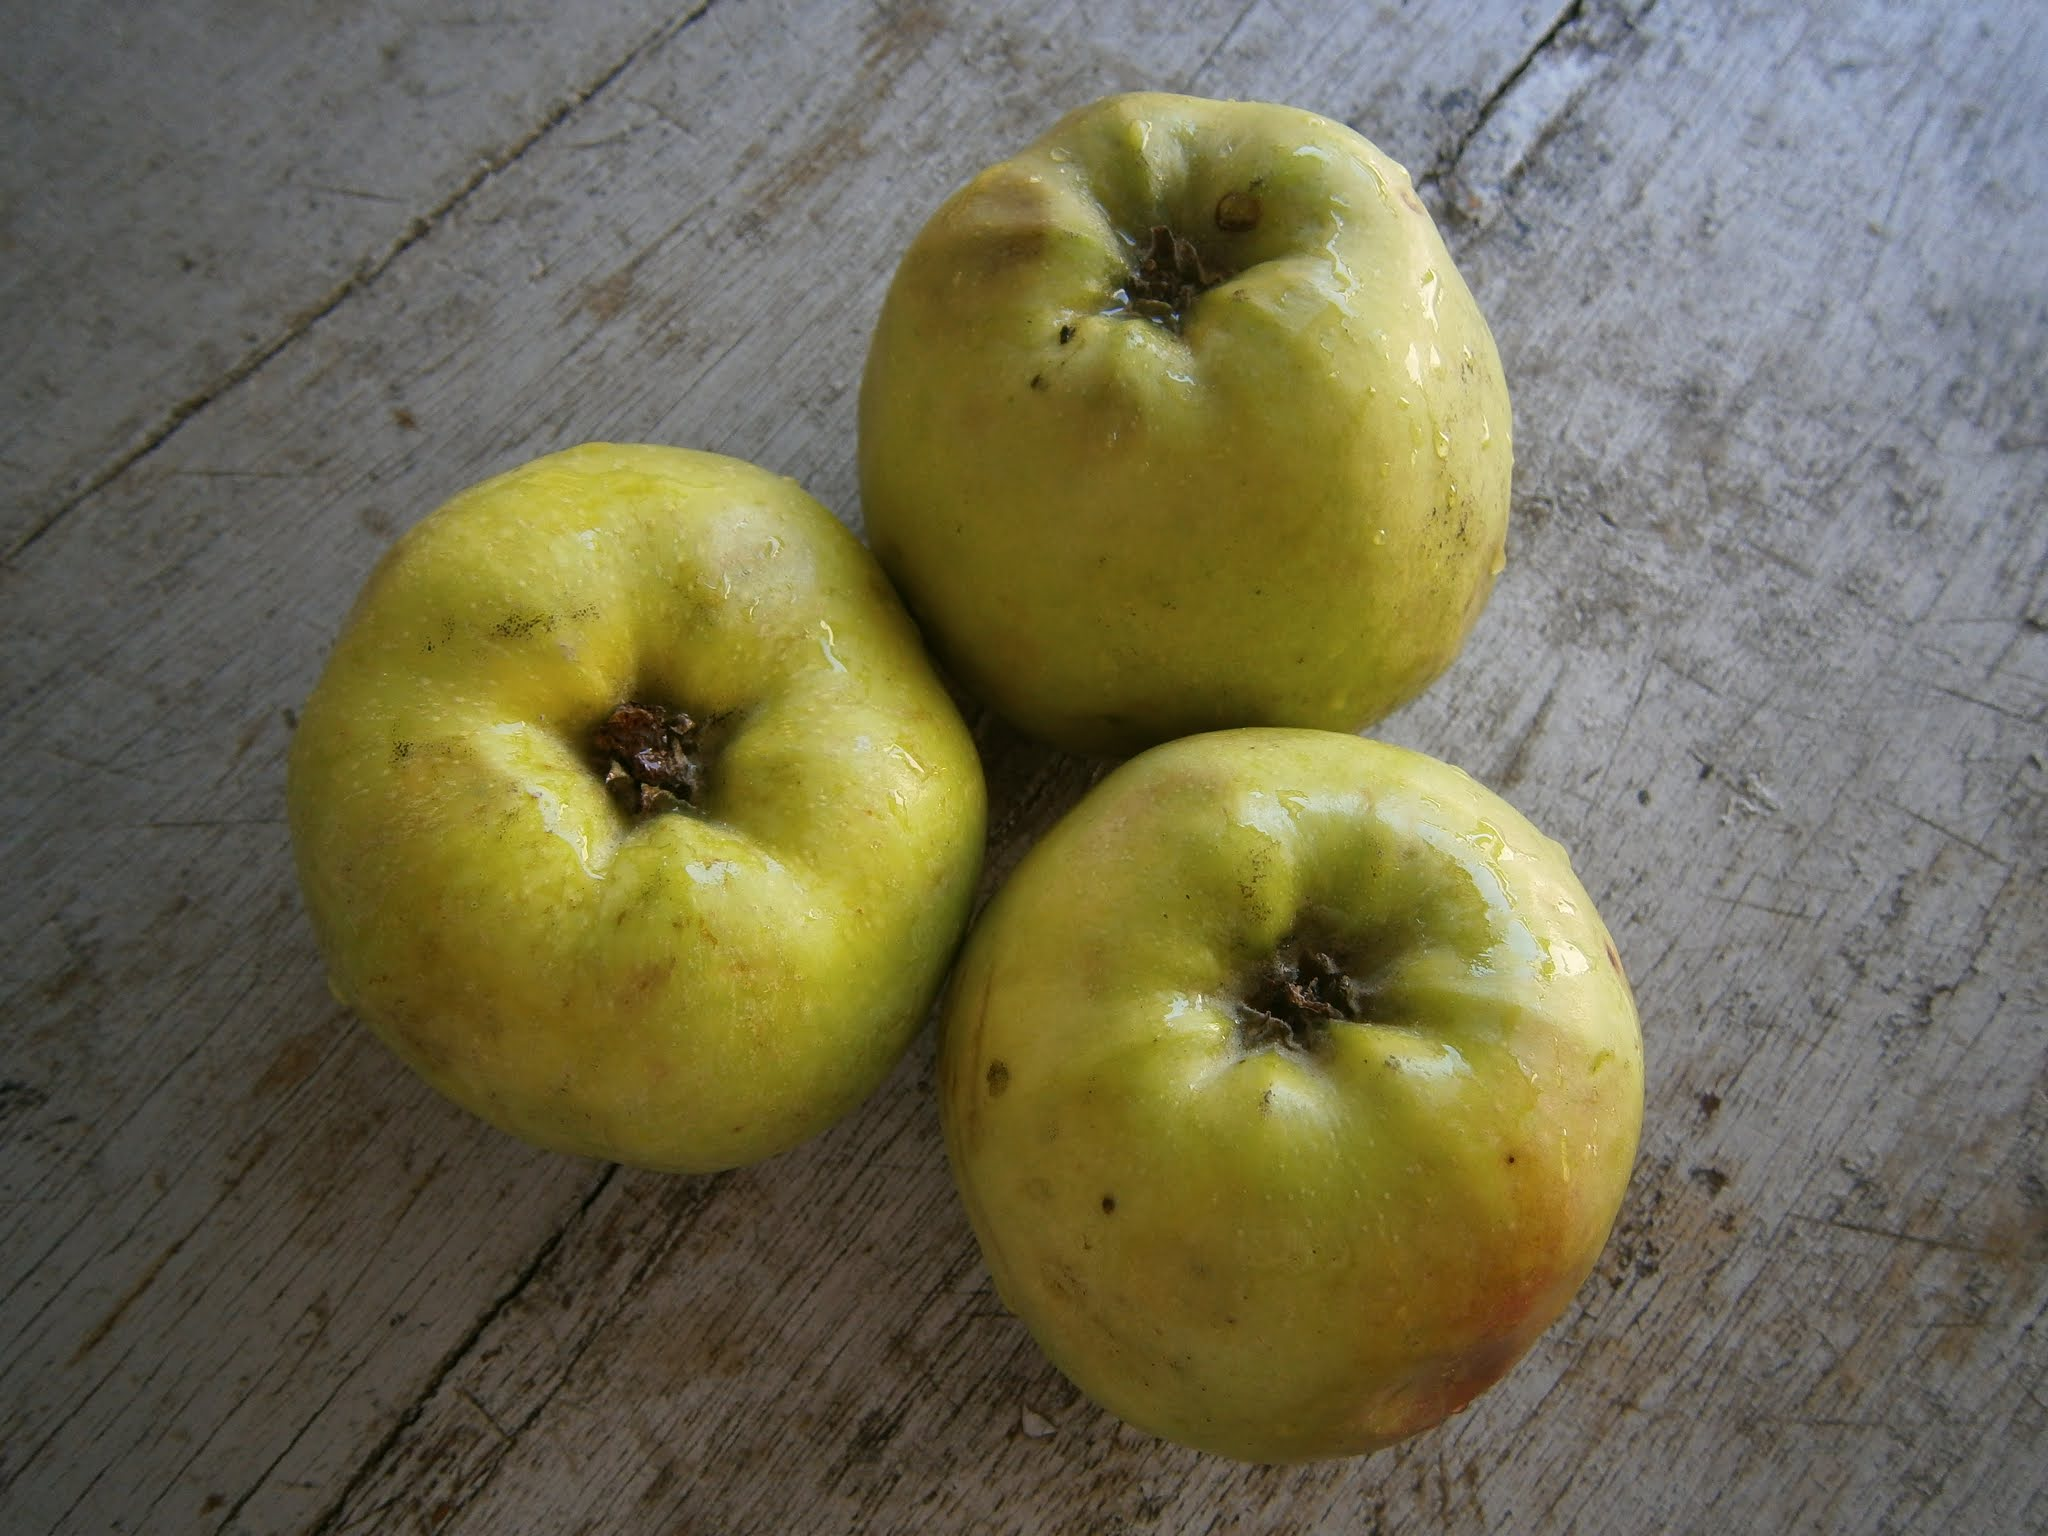 Manzanas frescas puestos sobre un fondo de color plomo